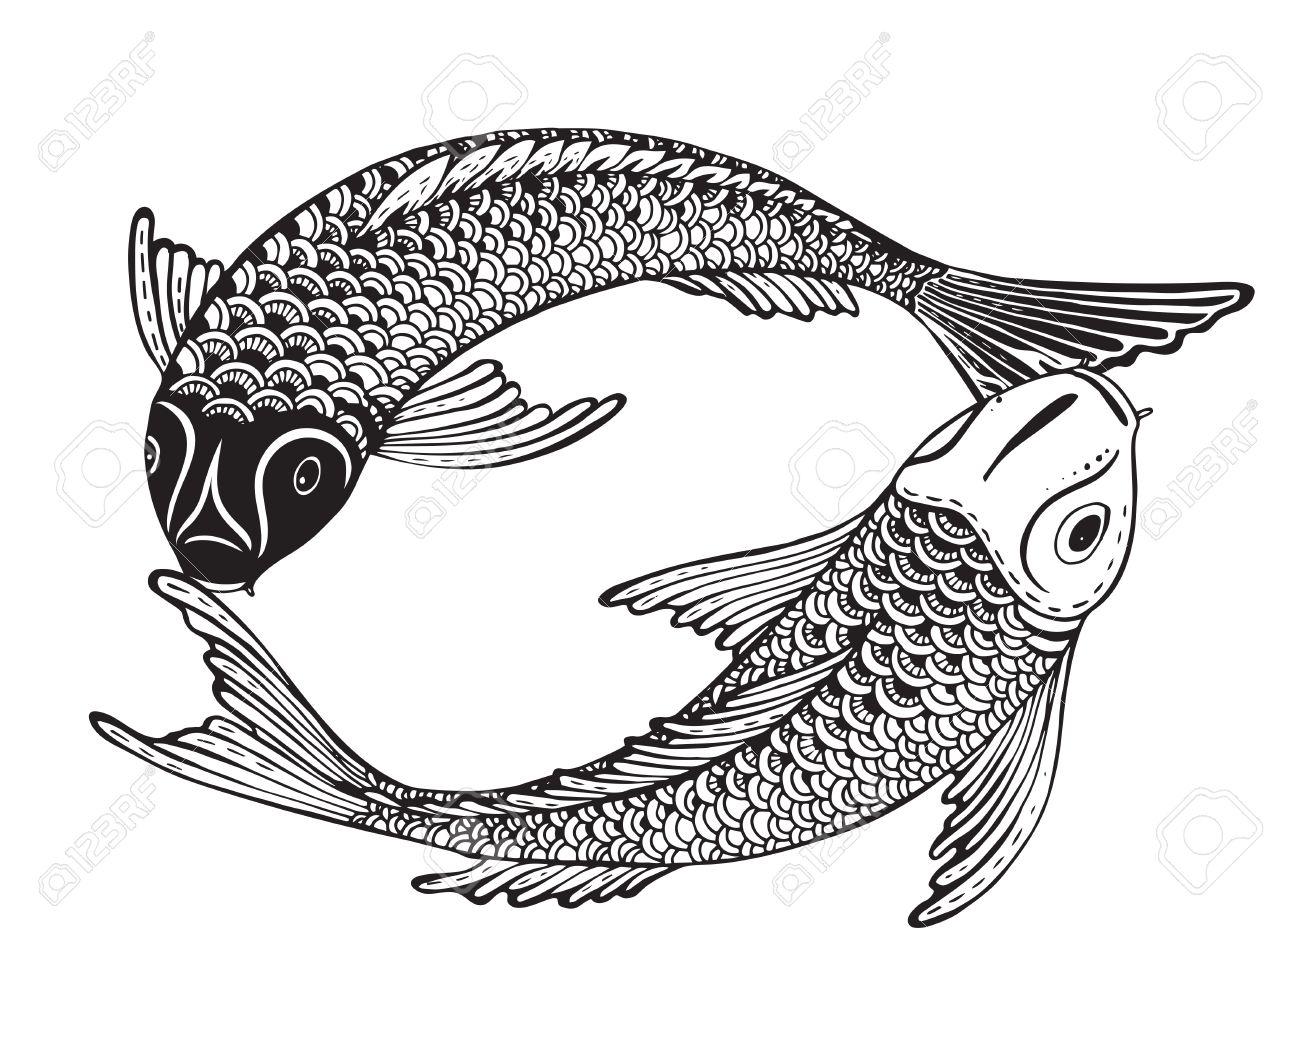 Dessin Carpe Japonaise hand drawn illustration vectorielle de deux poissons koi (carpe